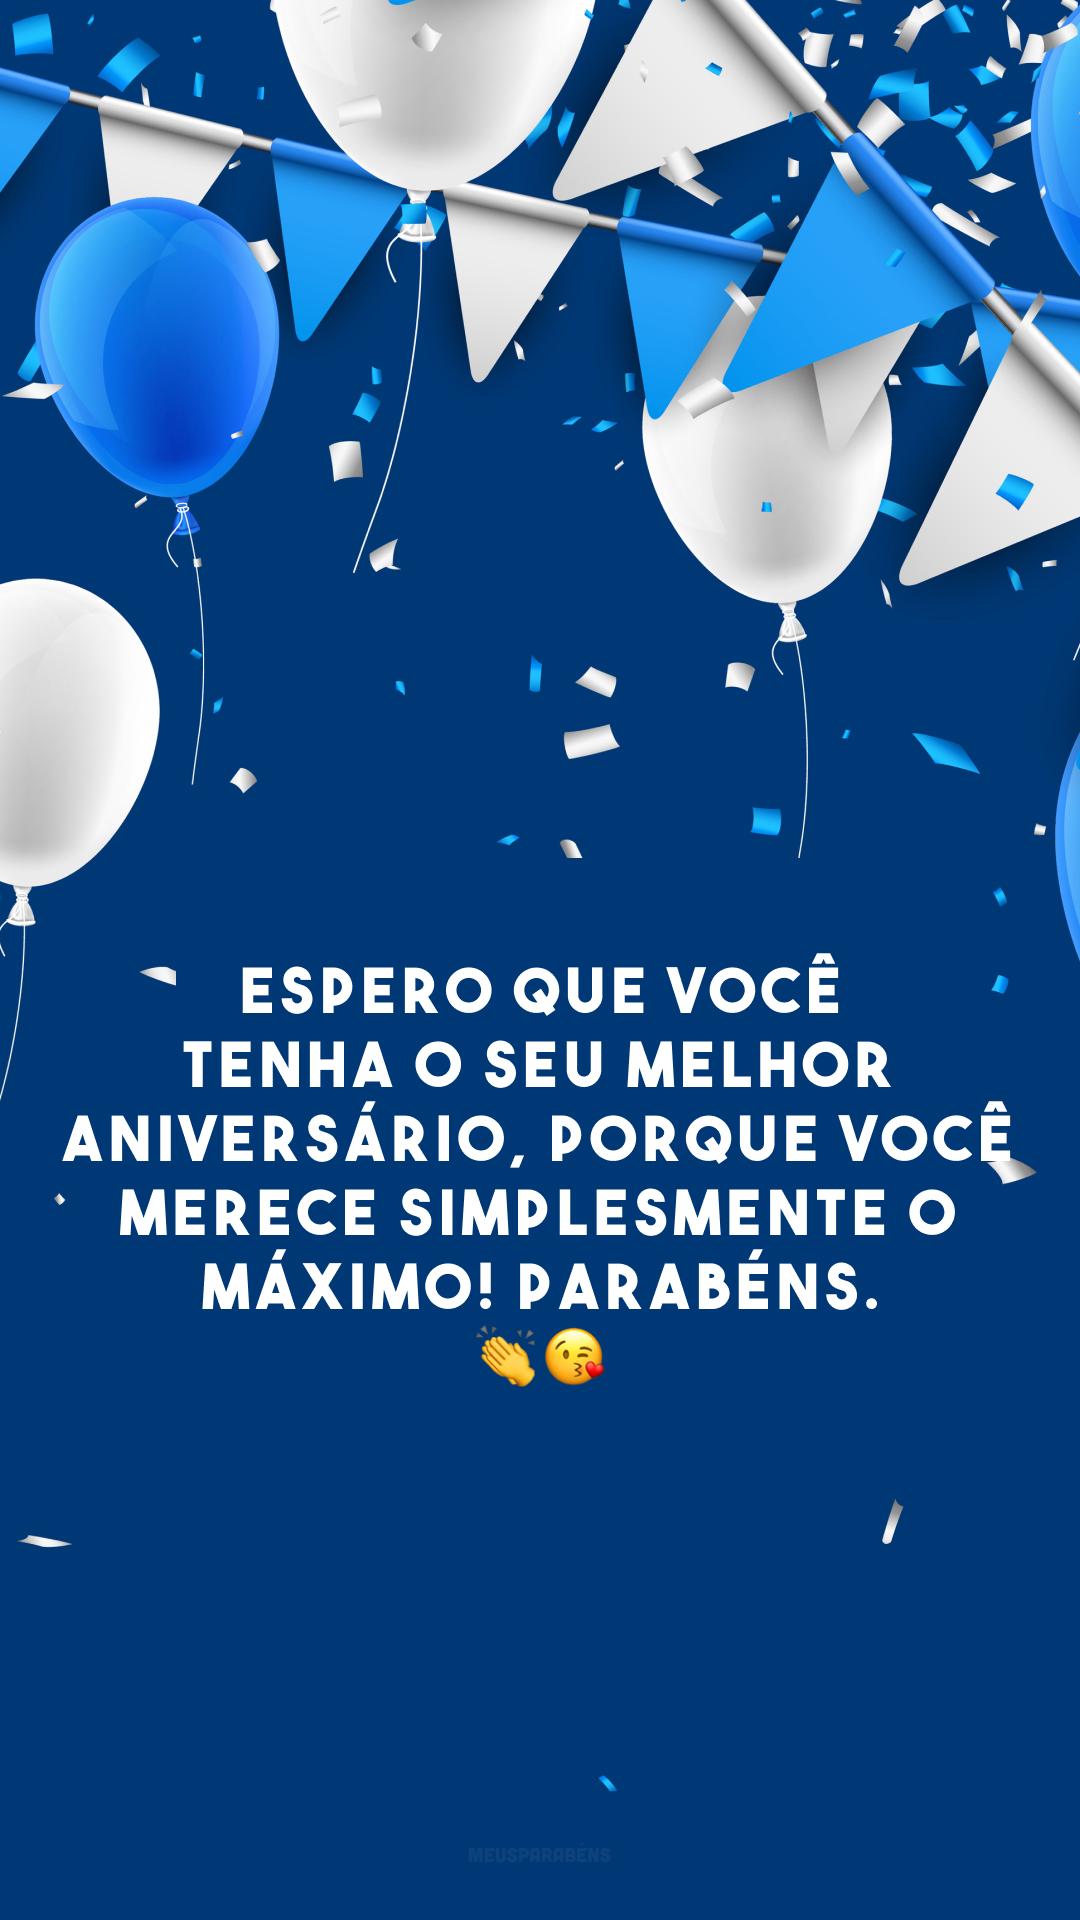 Espero que você tenha o seu melhor aniversário, porque você merece simplesmente o máximo! Parabéns. 👏😘